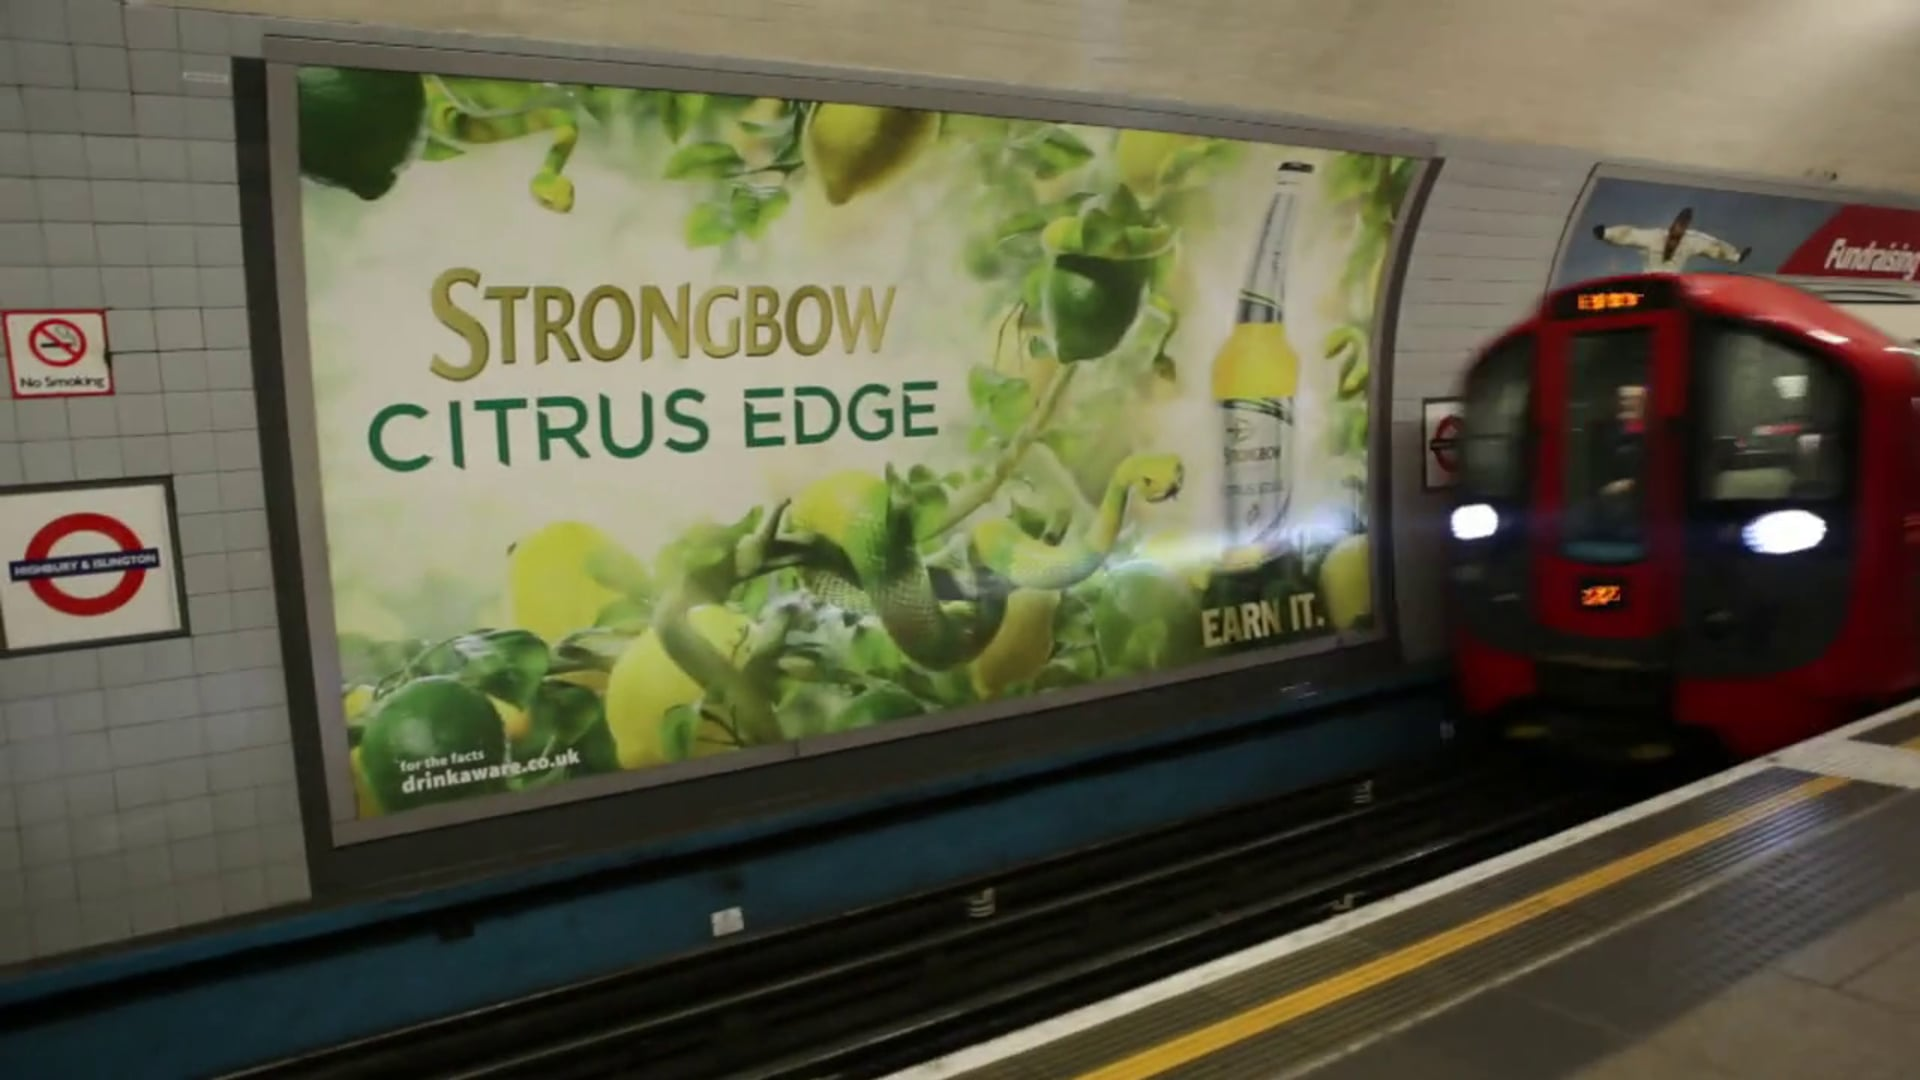 Strongbow - Citrus Edge in Situ